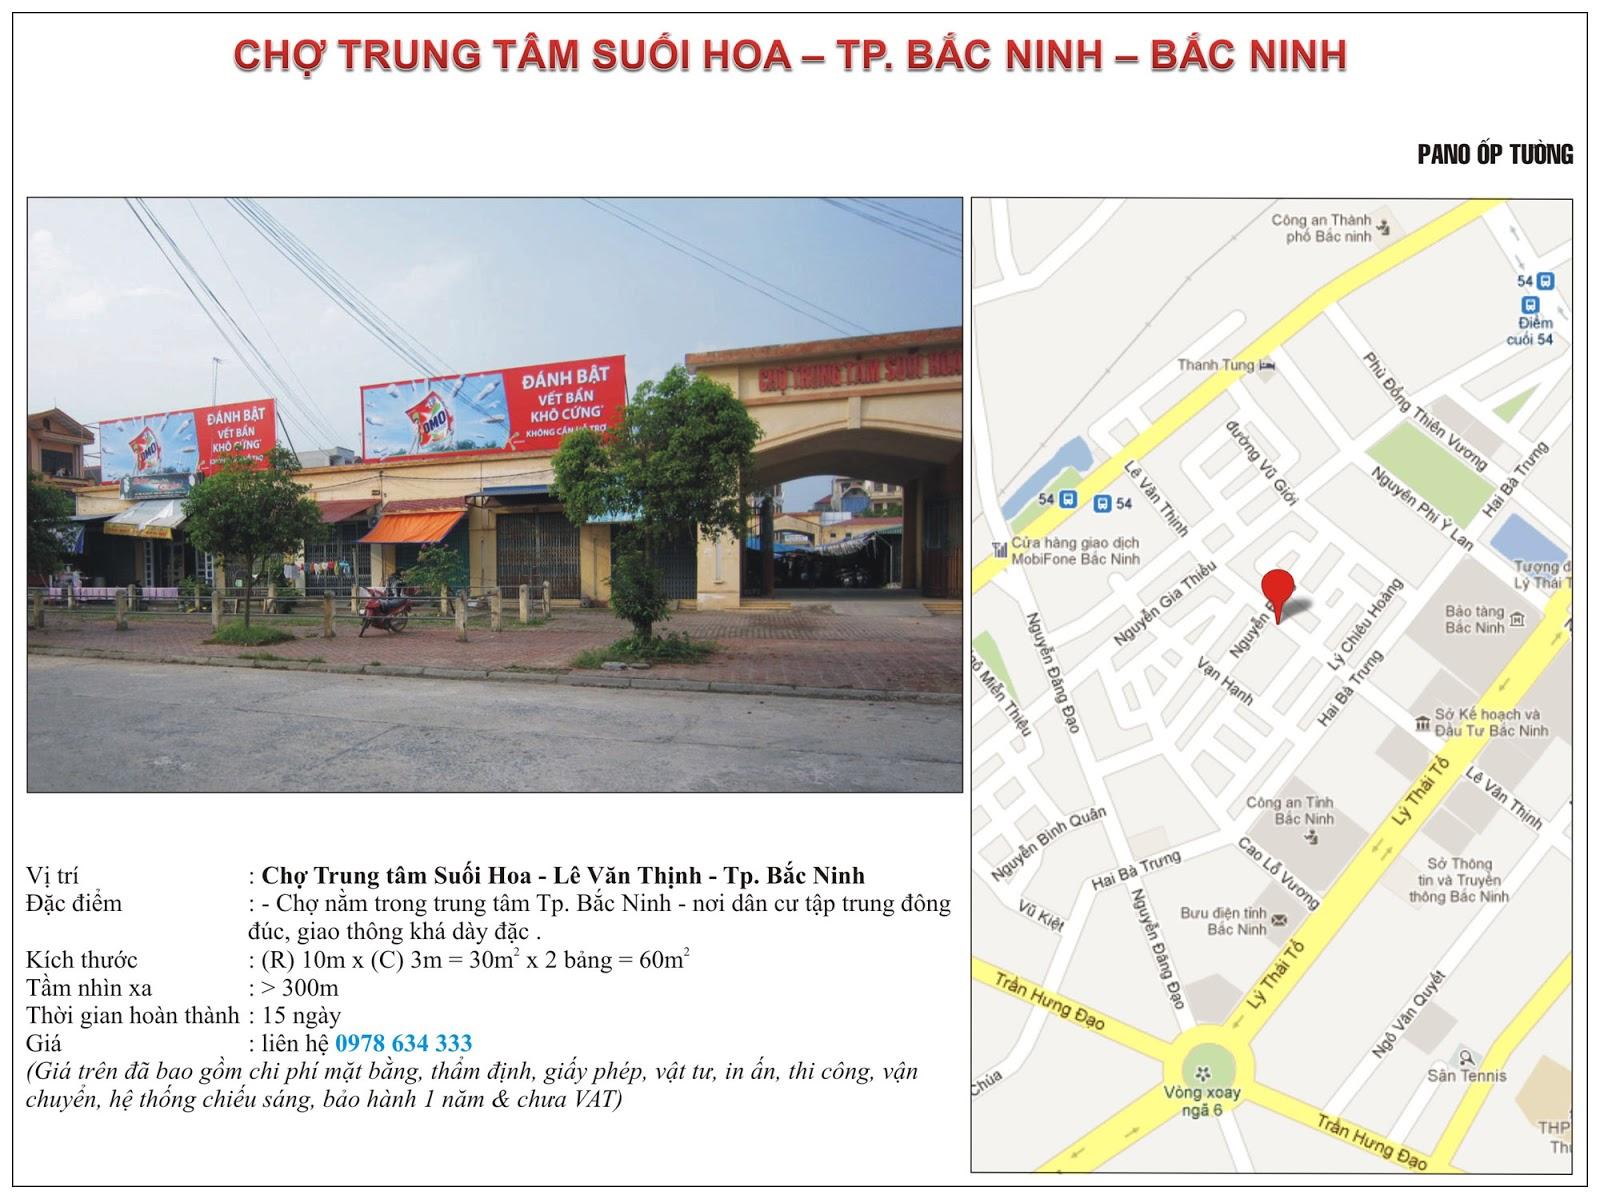 Quảng cáo tại chợ trung tâm Suối Hoa - Bắc Ninh